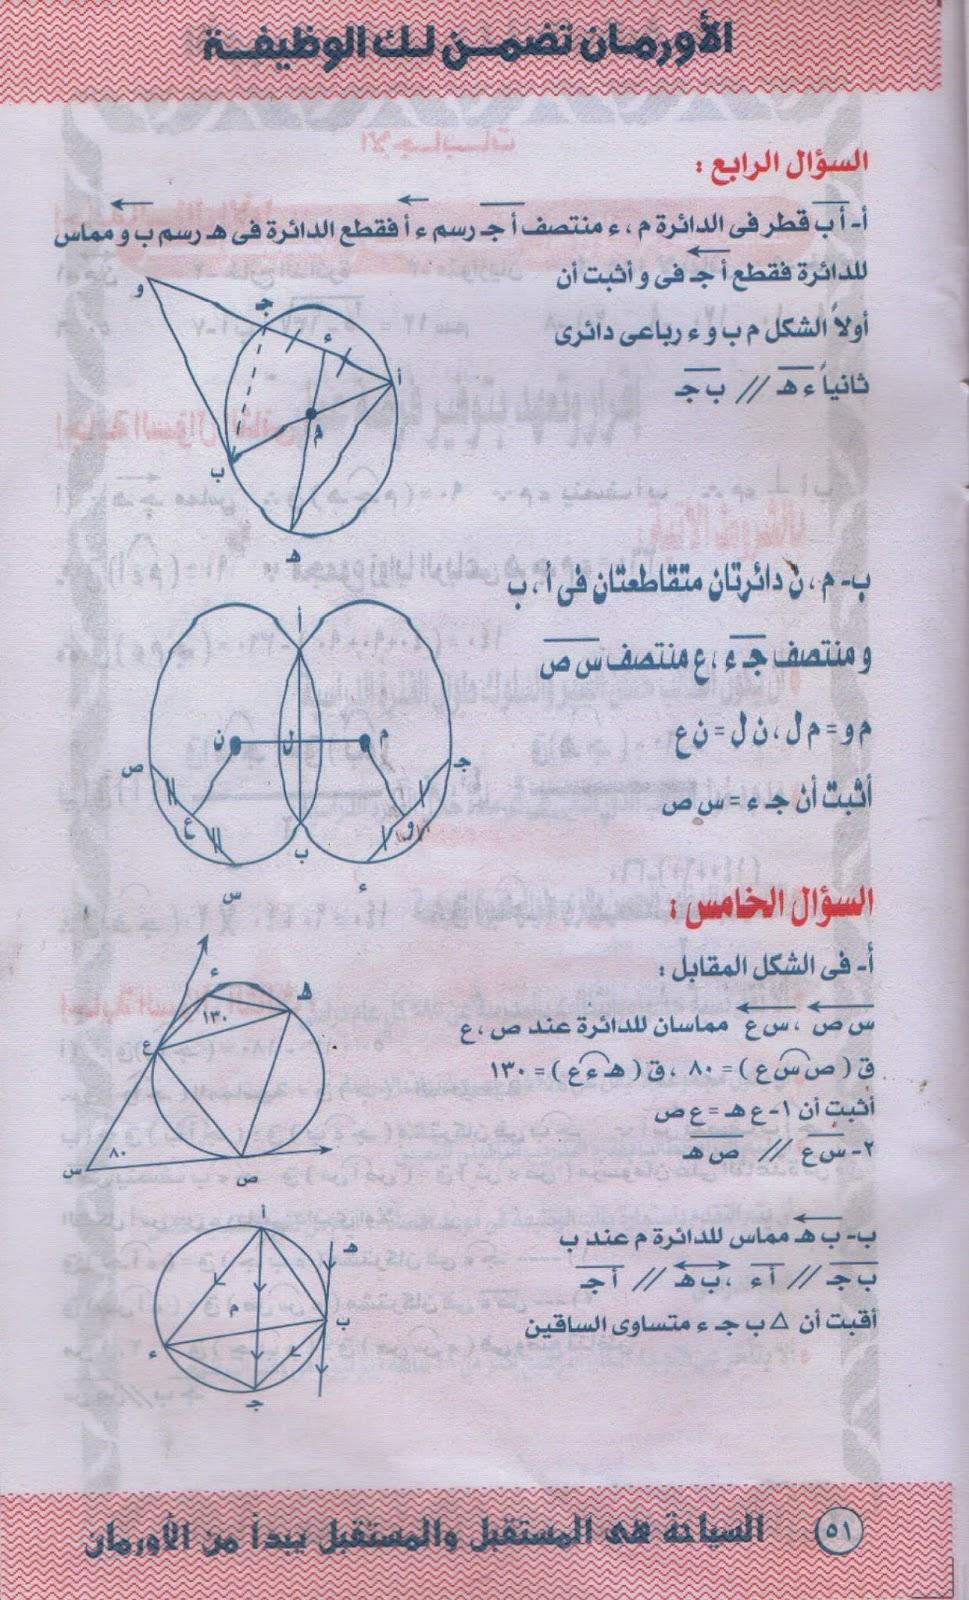 مراجعة  رياضيات ترم 2 الثالث الإعدادى 3.jpg